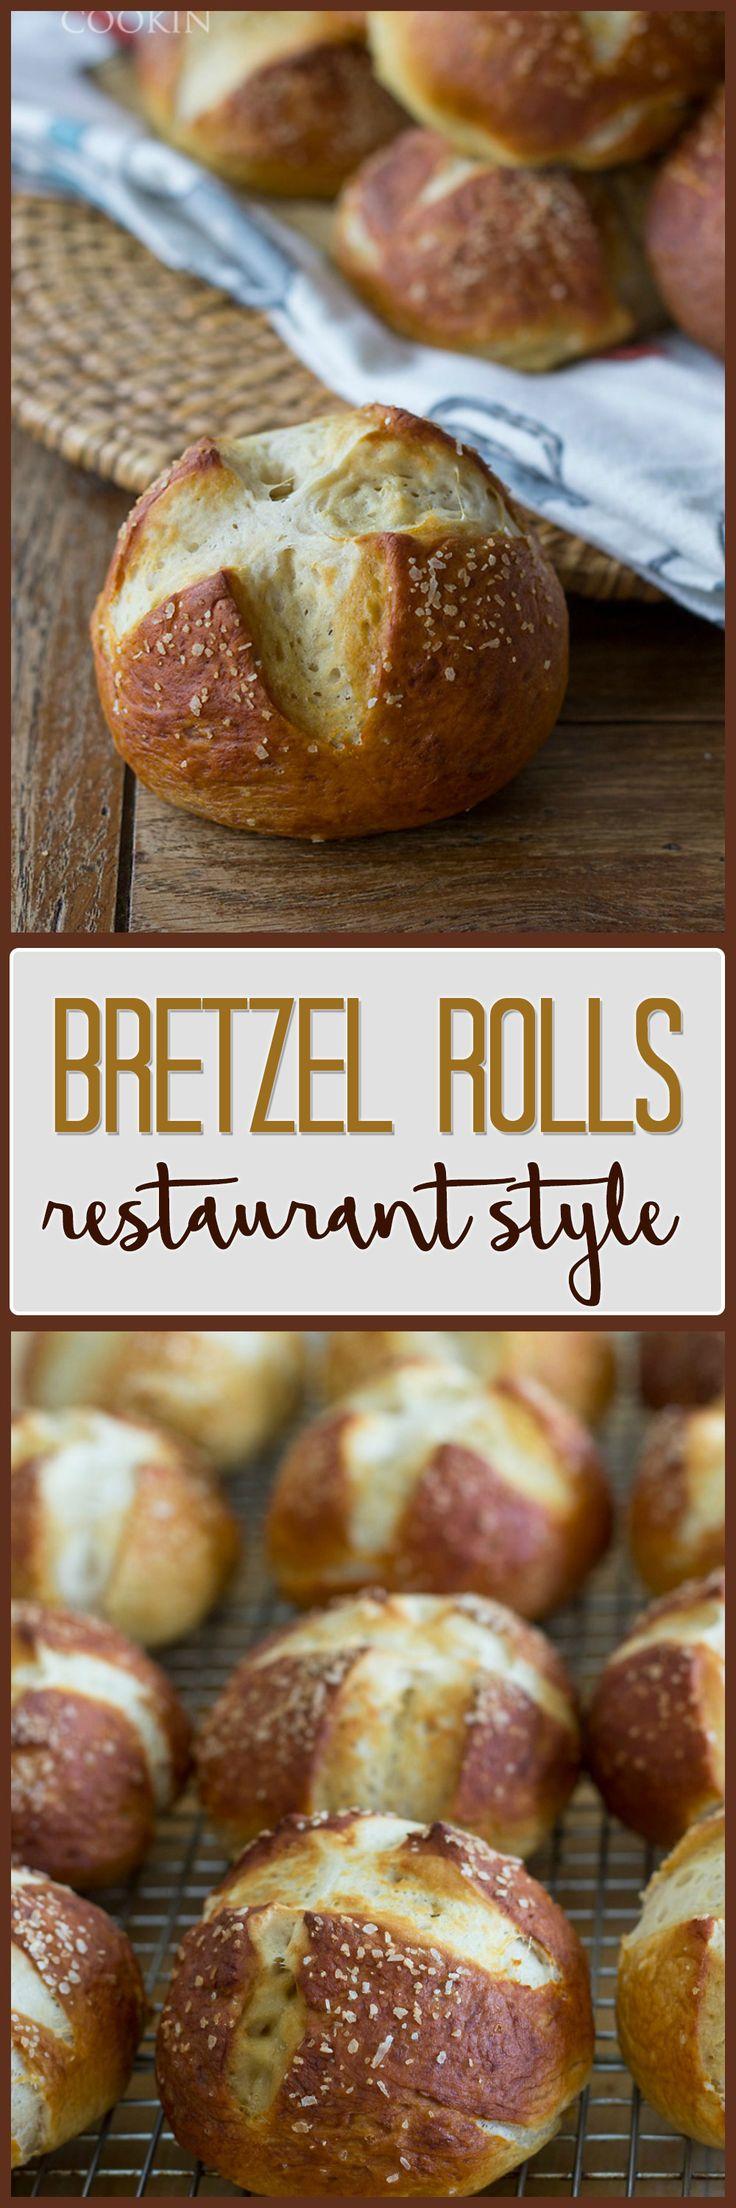 25 best ideas about pretzel rolls on pinterest pretzel for 1895 cajun cuisine menu